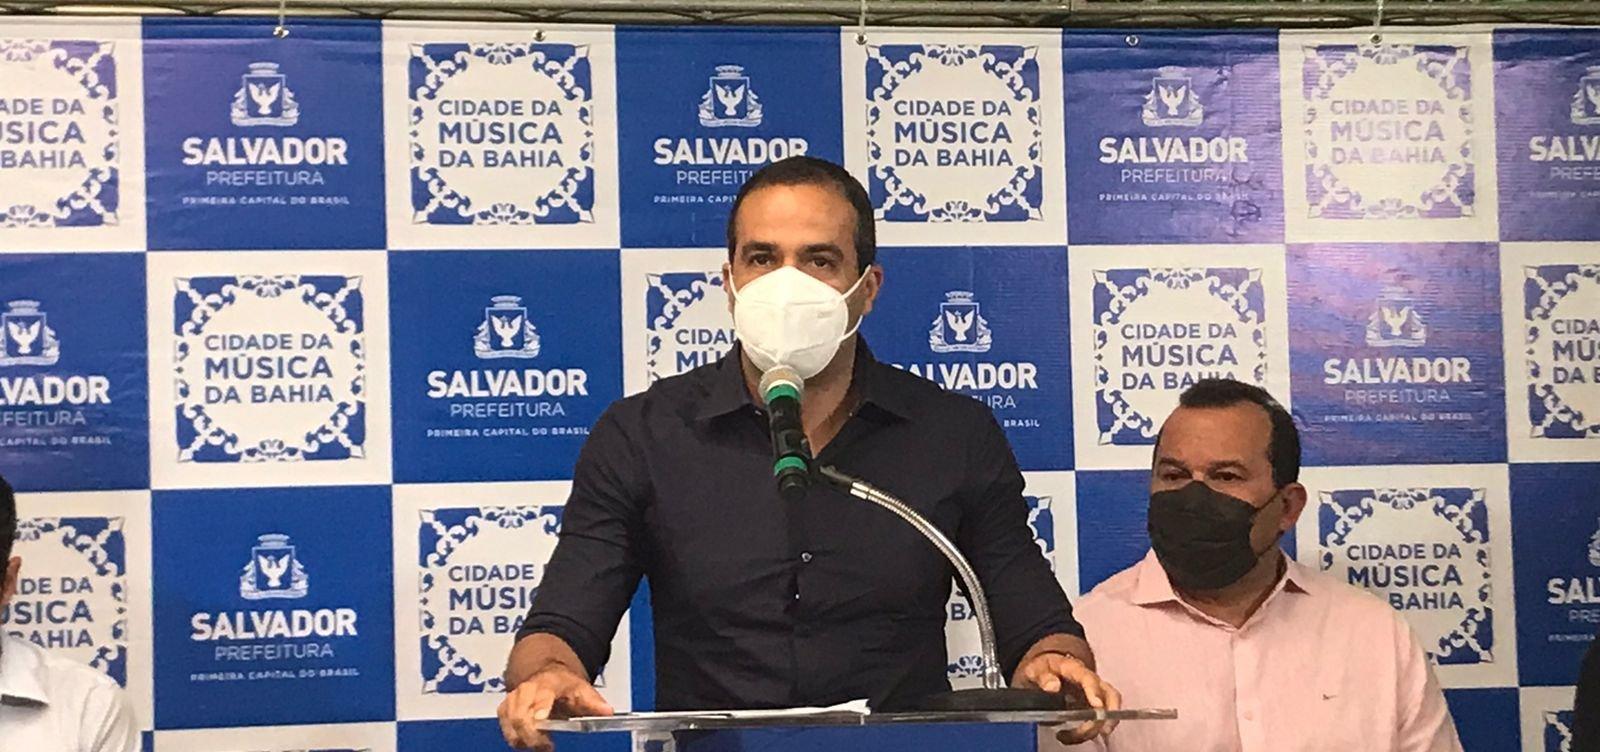 Salvador terá memorial das vítimas da Covid-19 na Praça Cairu, anuncia Bruno Reis